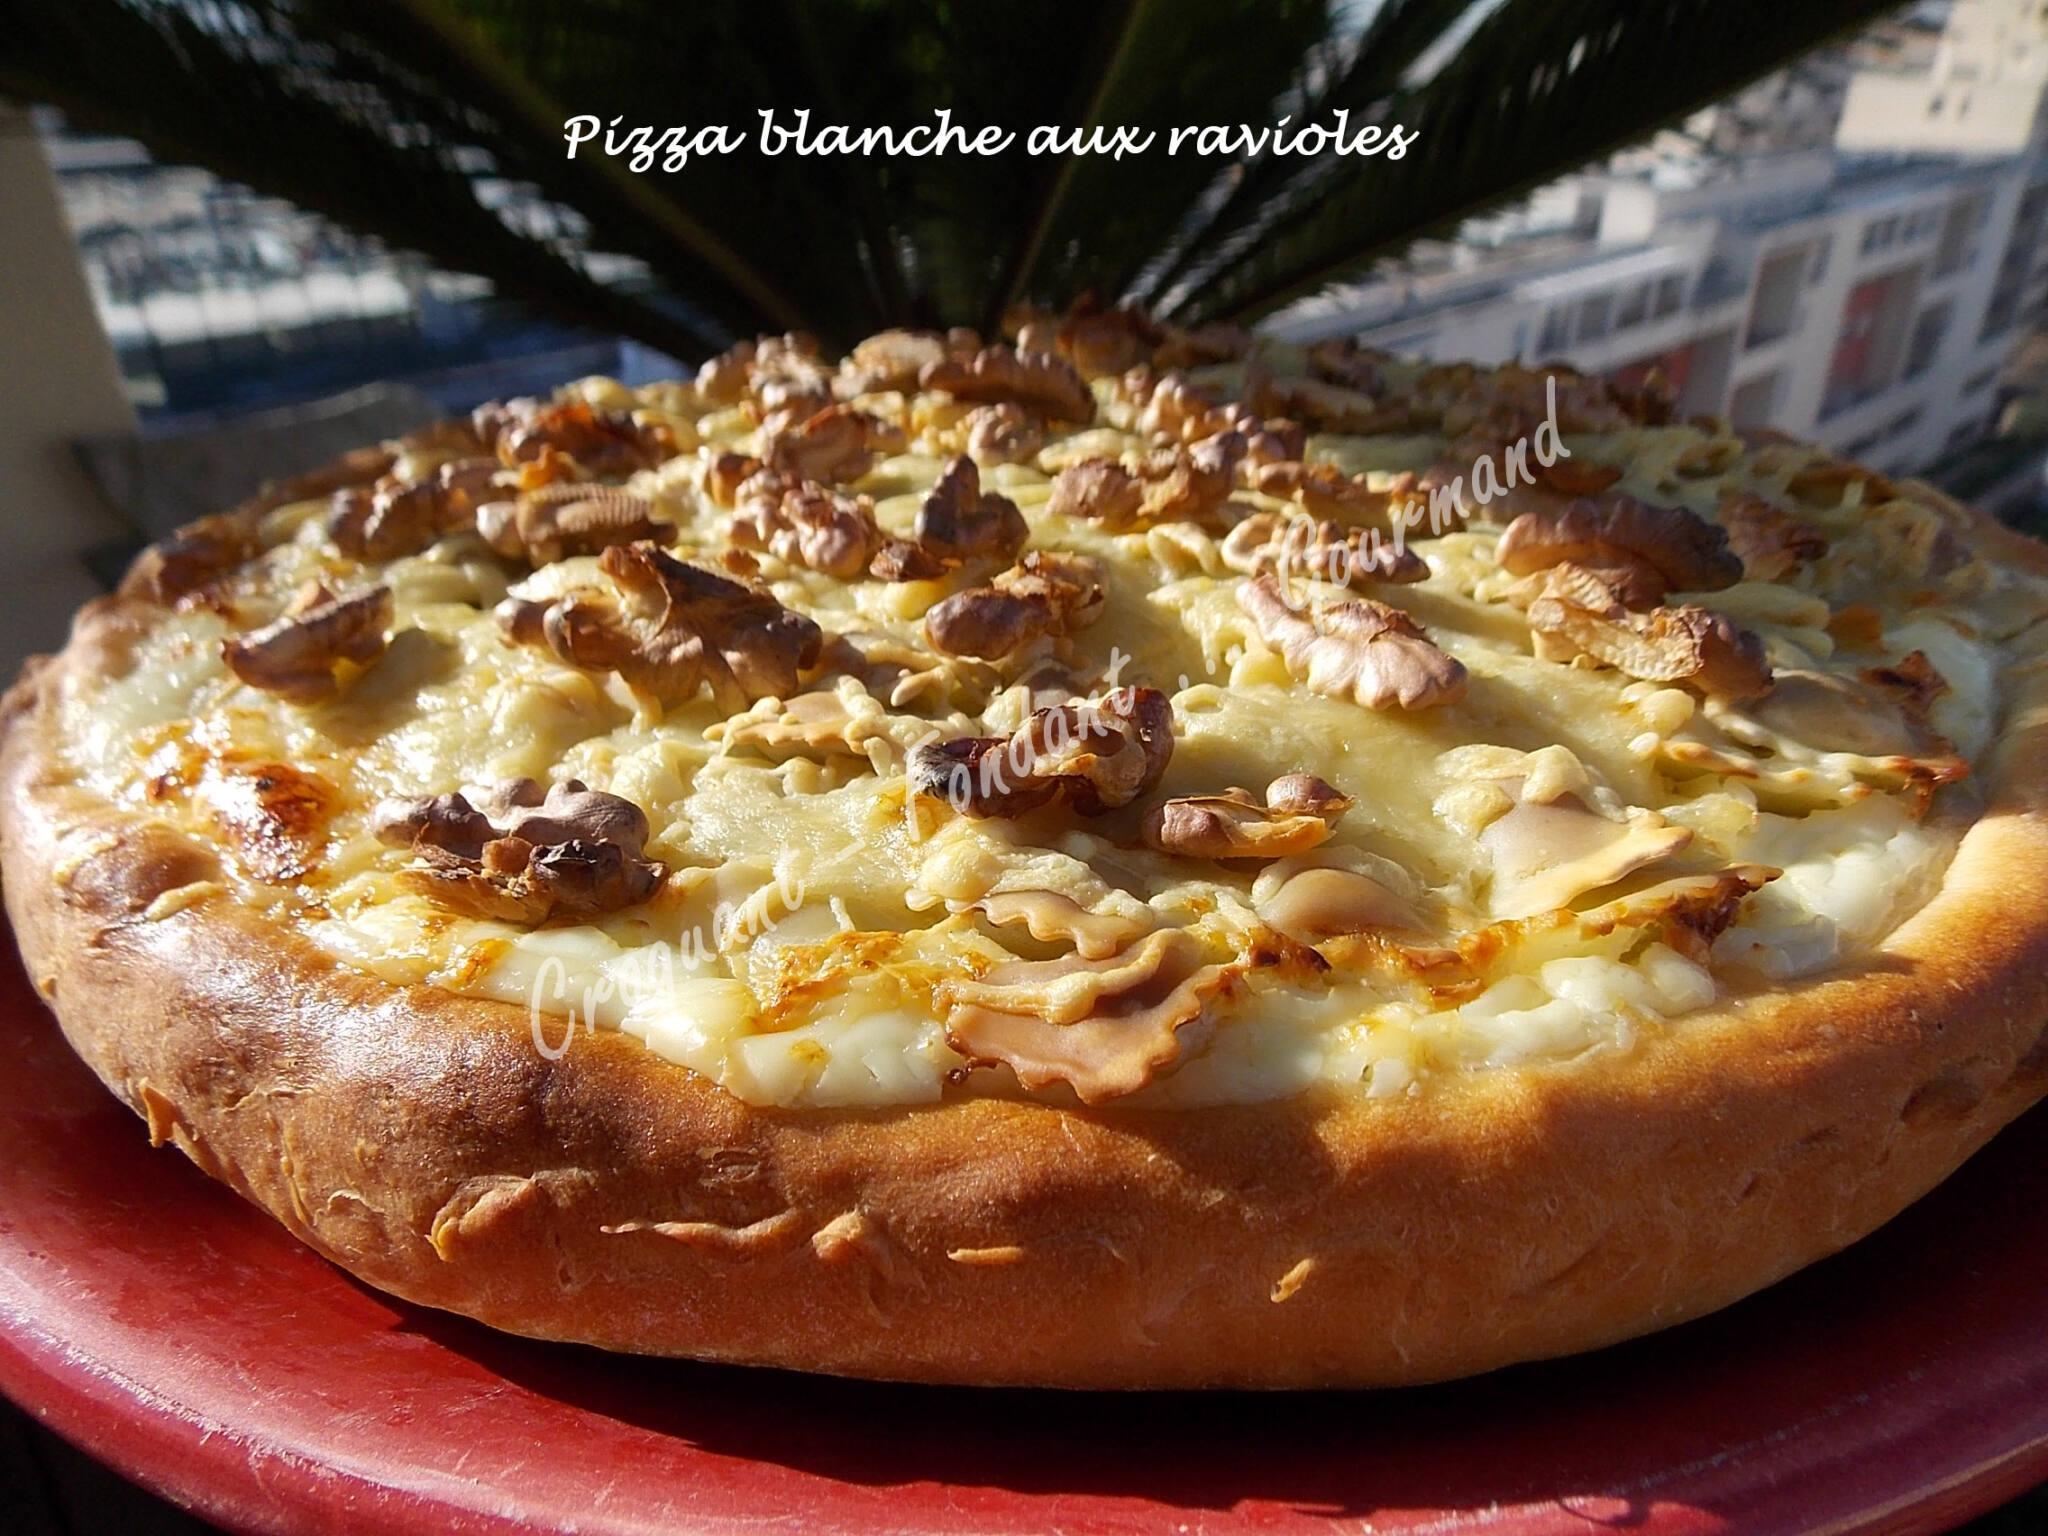 Pizza blanche aux ravioles DSCN3057